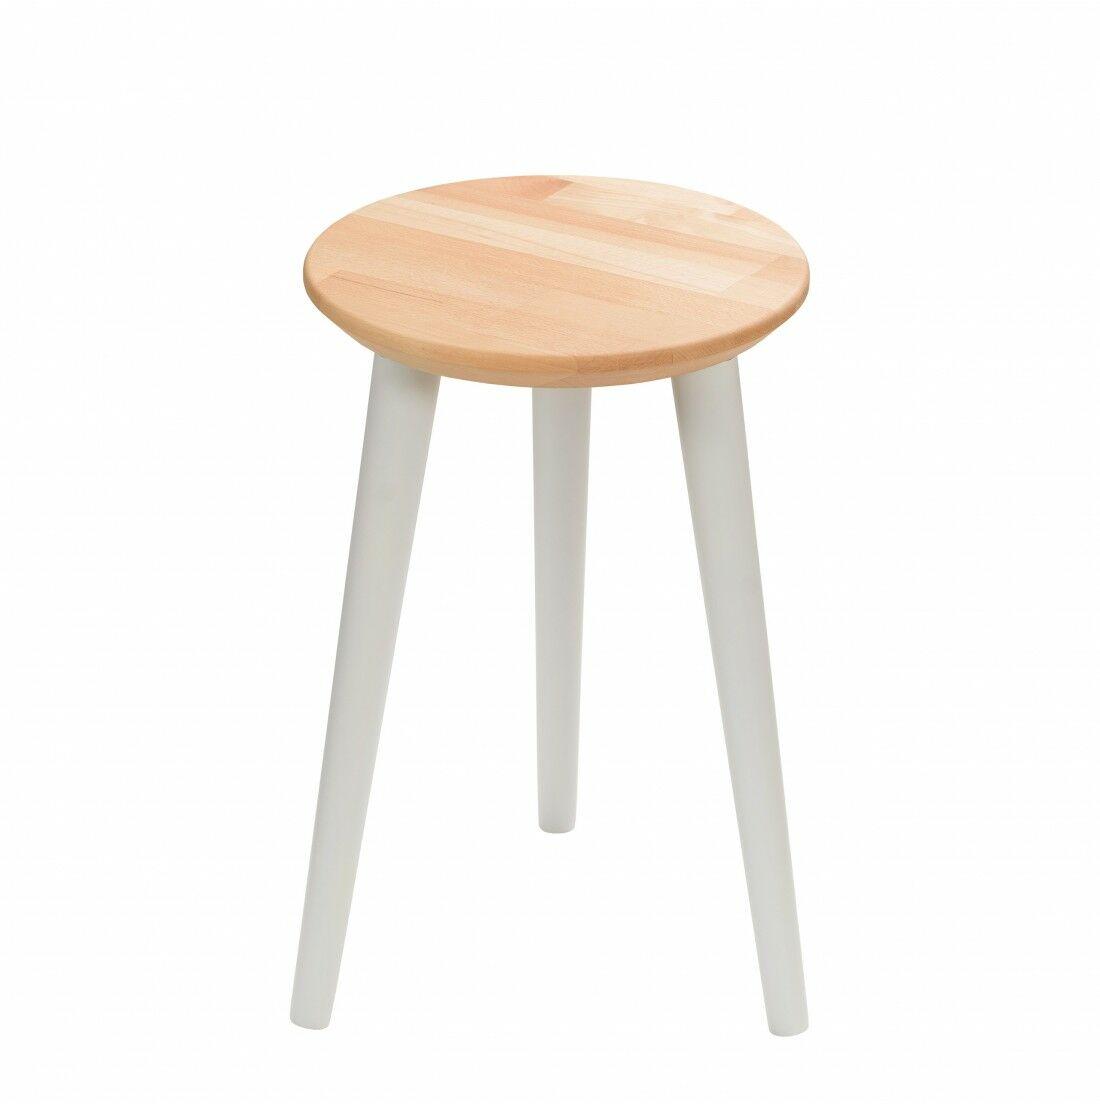 Taboret drewniany okrągły z litego buka Olejowany buk - Natural, Wykończenie nogi - Szary, Wysokość - 470, Wymiar siedziska (Średnica) - 300